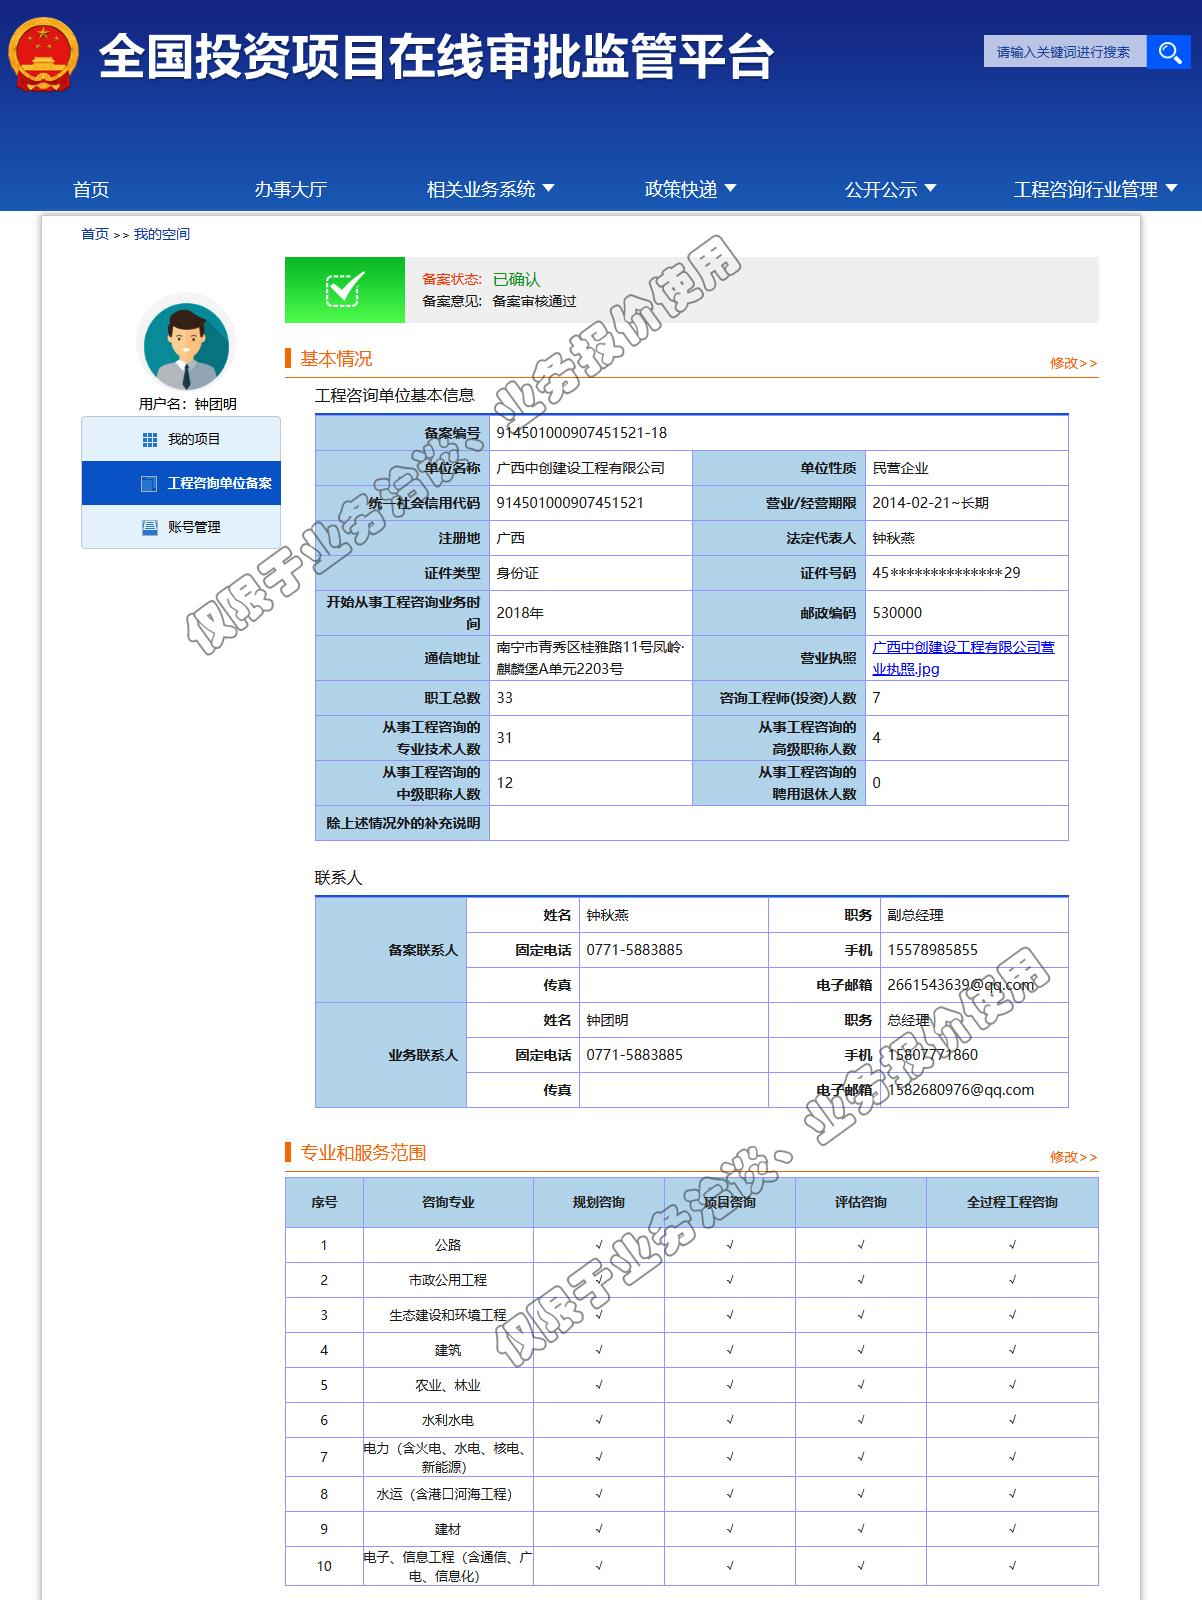 广西工程咨询公司资质证明